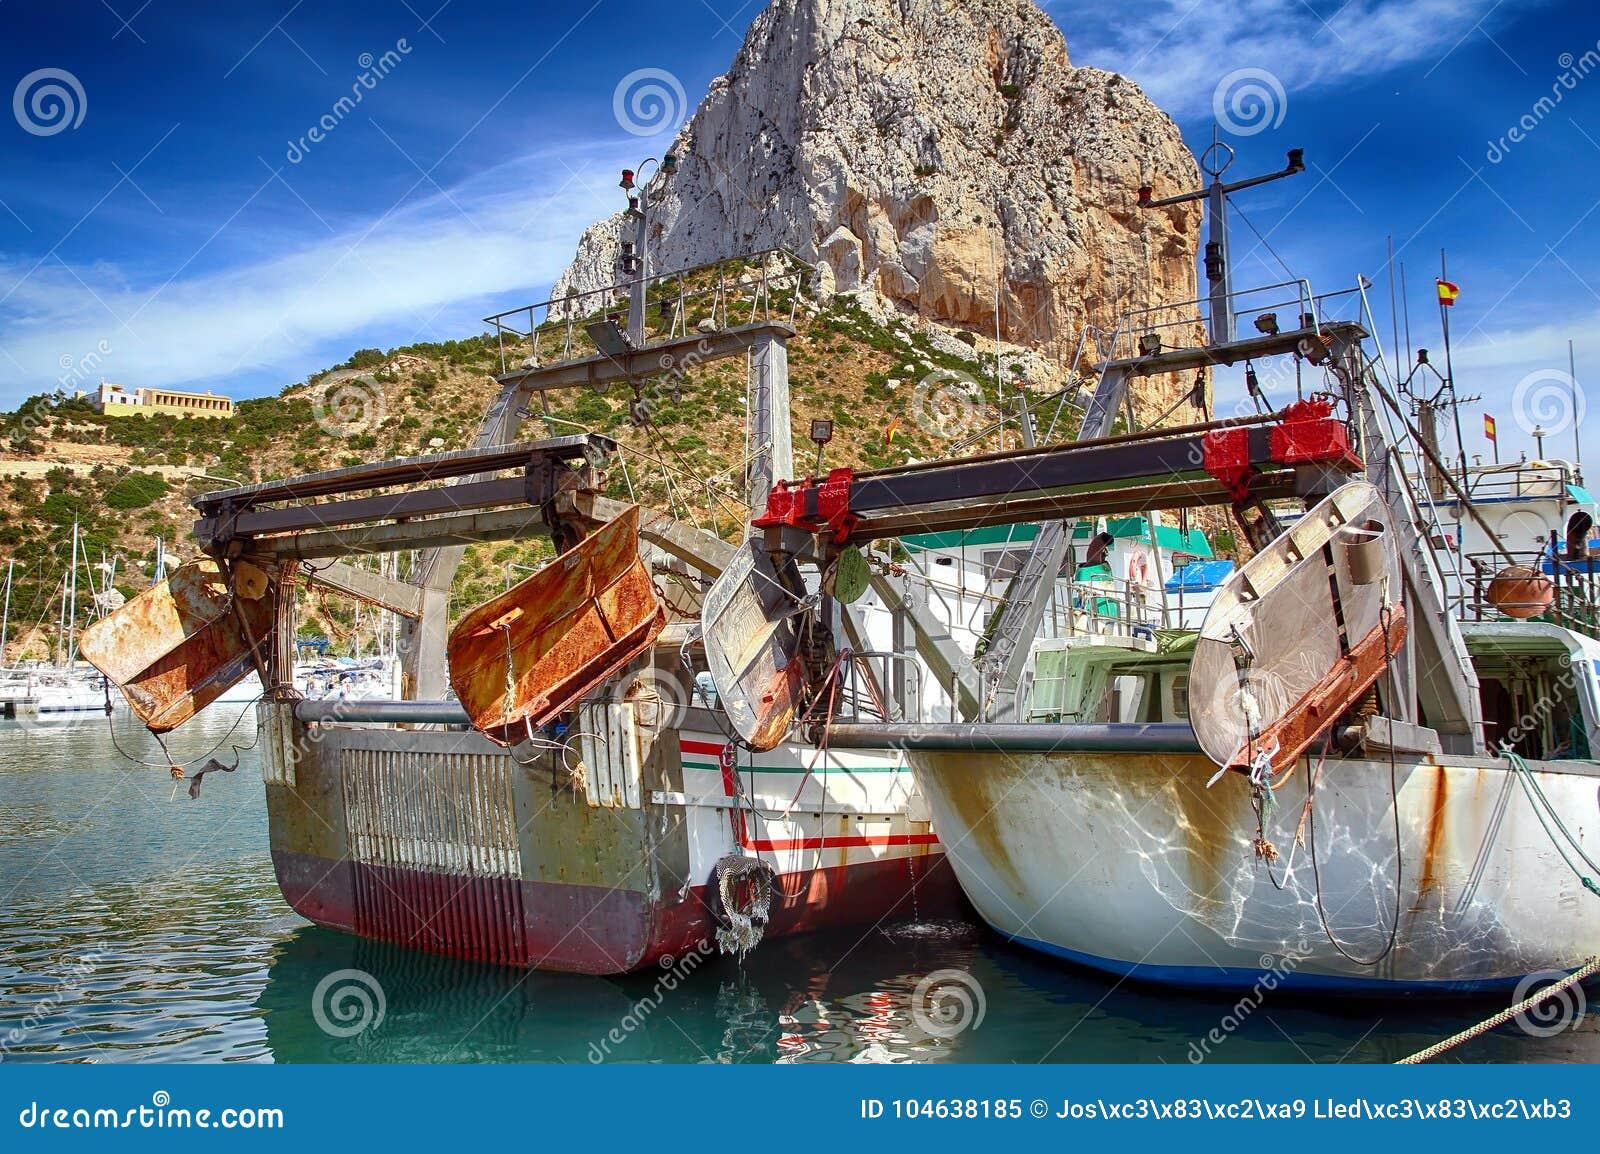 Download Details Van Ijzerdeuren In Een Treiler Vissersboot In Calpe Wordt Gedokt Die Stock Afbeelding - Afbeelding bestaande uit wolk, meerpaal: 104638185